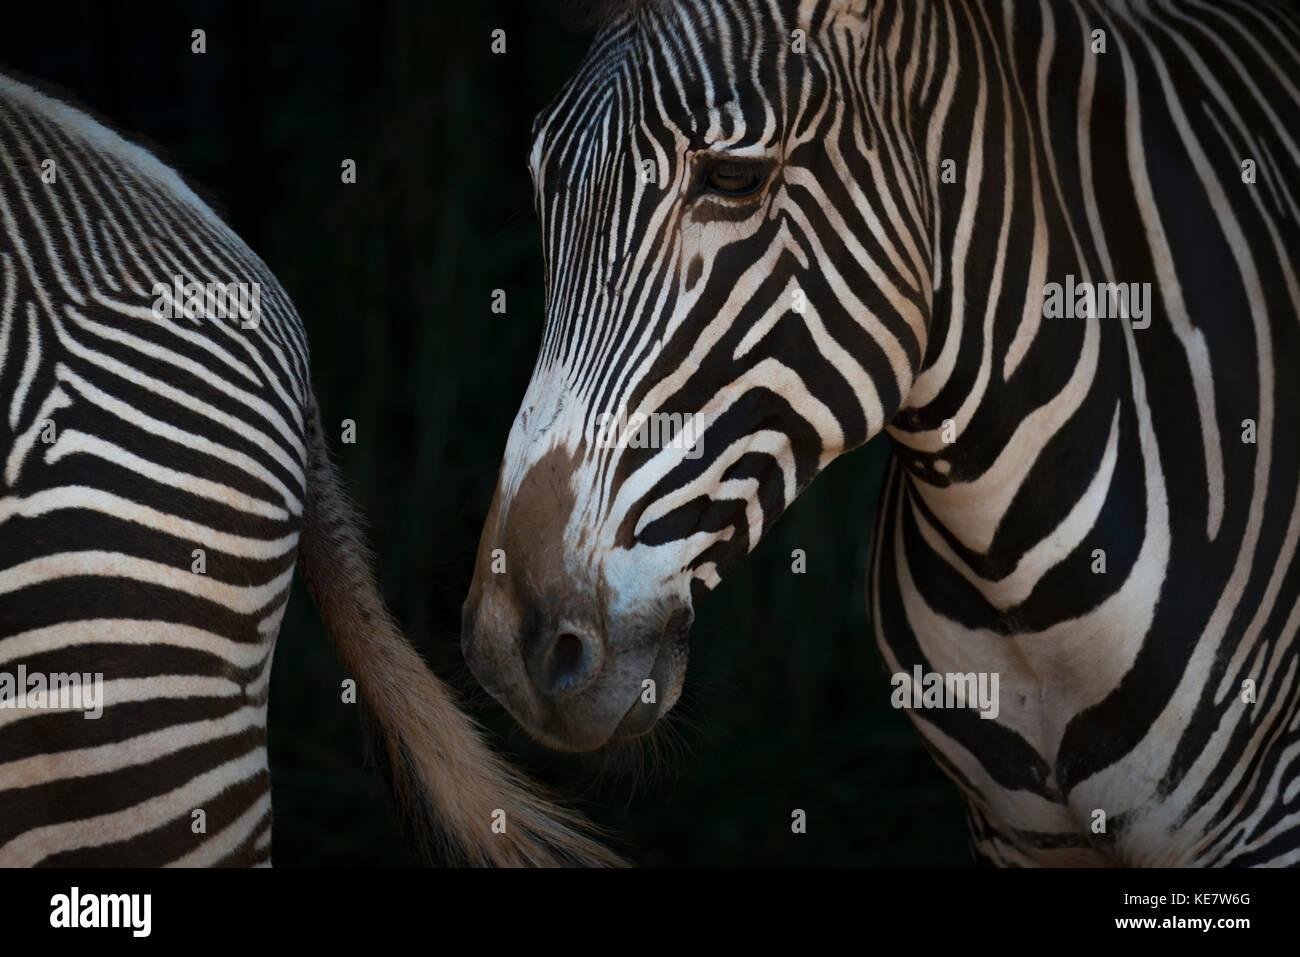 Close-Up di Grevy's Zebra (Equus grevyi) Testa e quarti posteriori; Cabarceno, Cantabria, SPAGNA Immagini Stock